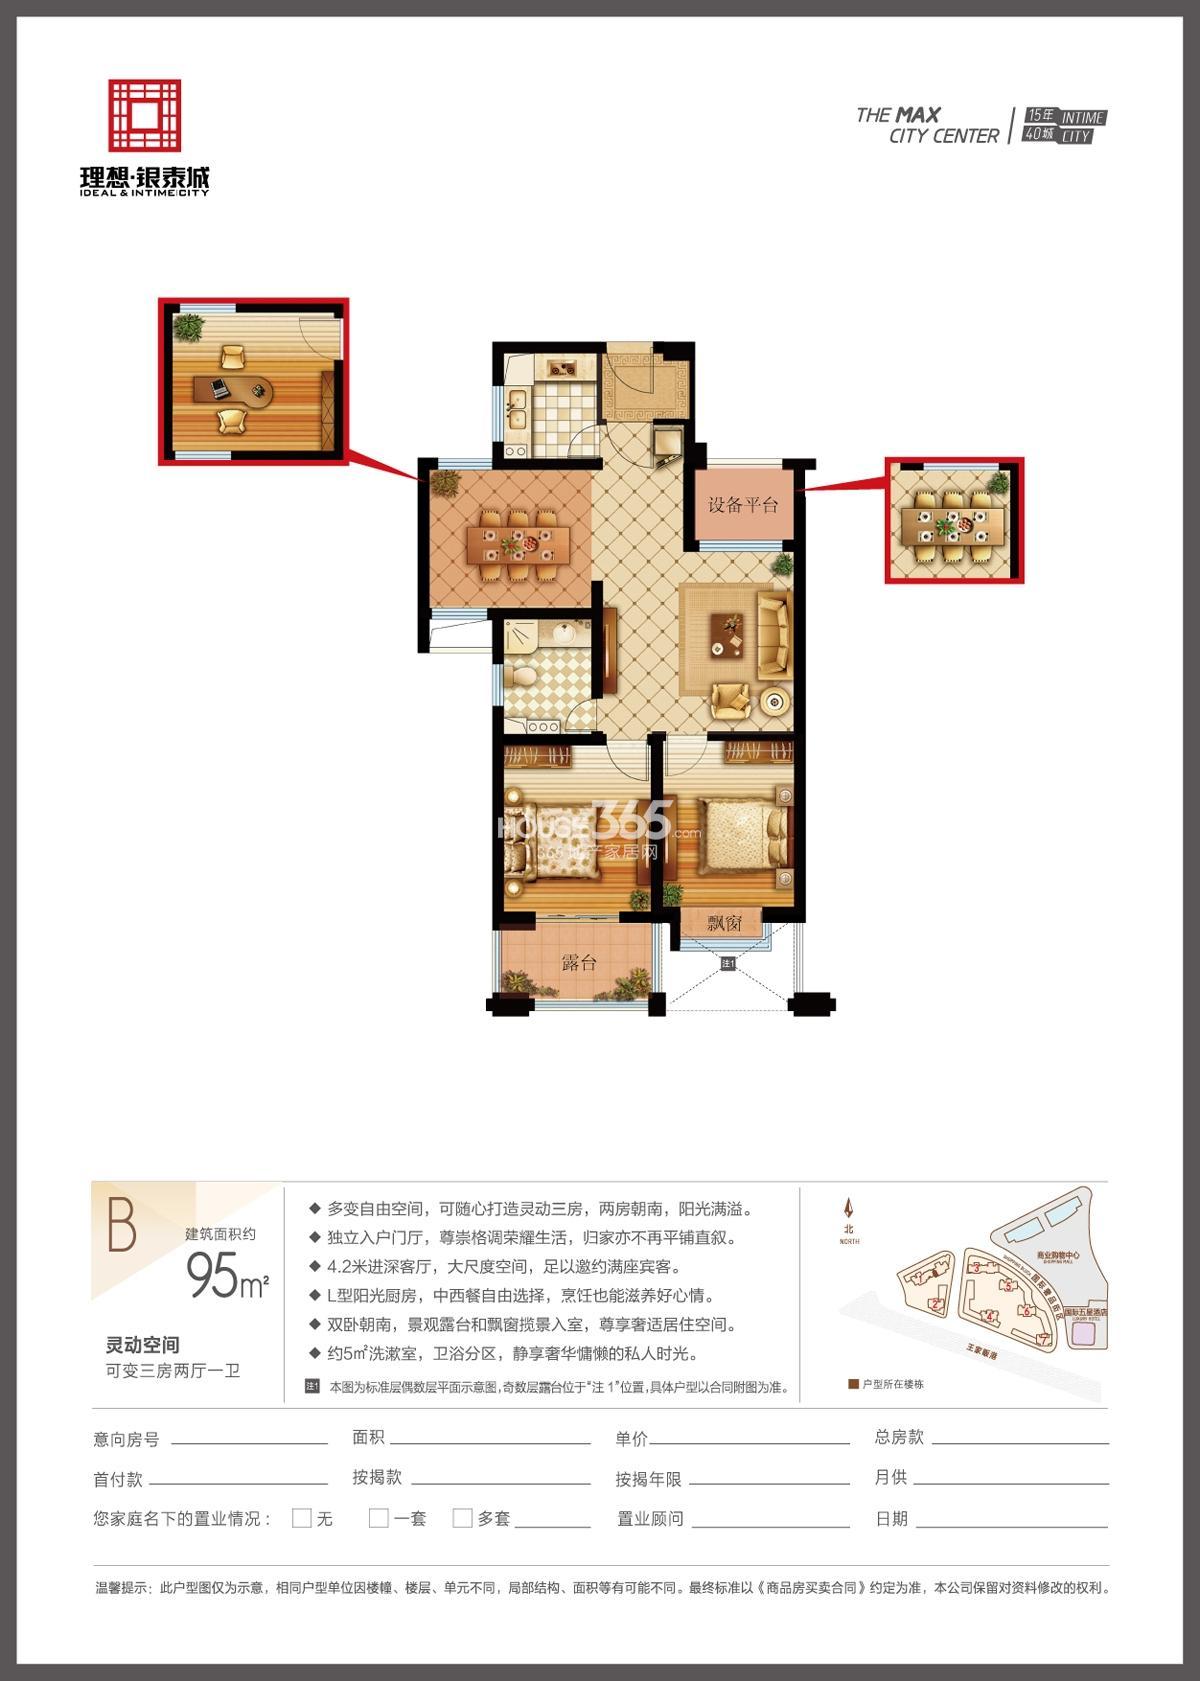 理想银泰城1号楼B户型95方大三房两厅一卫户型图